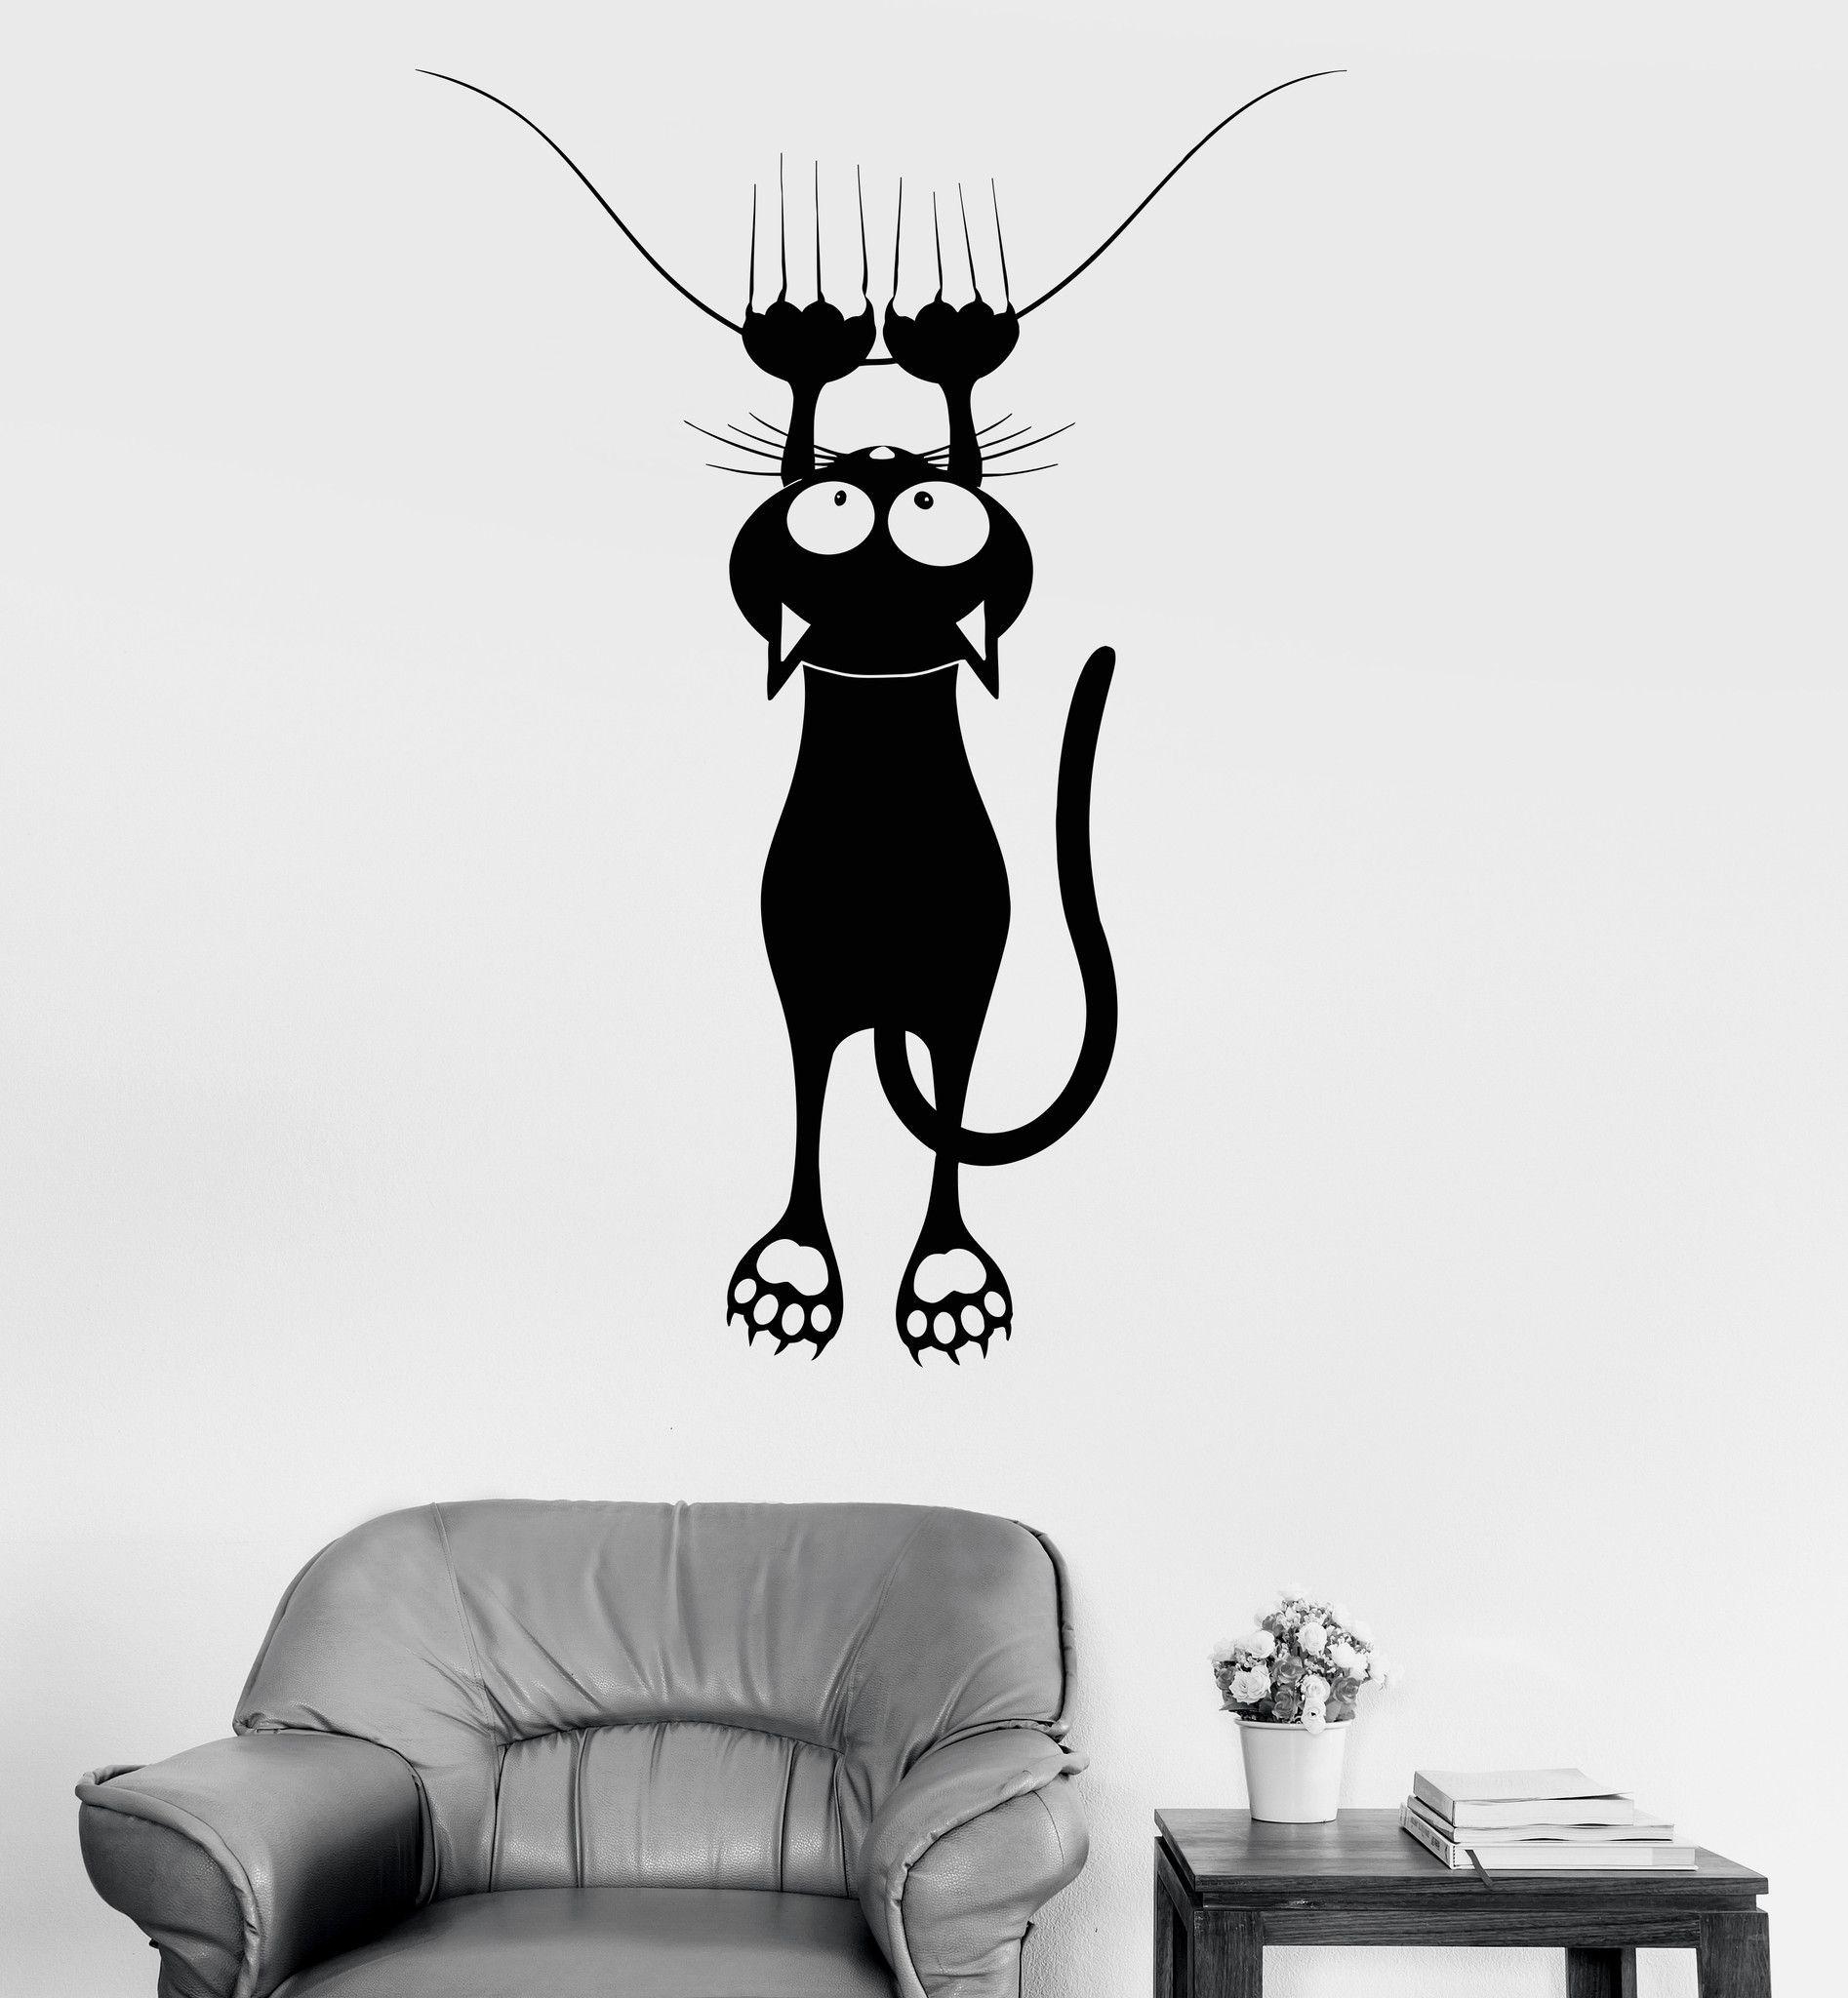 Vinyl Decal Wall Funny Cat Pet Shop Veterinary Clinic Decor